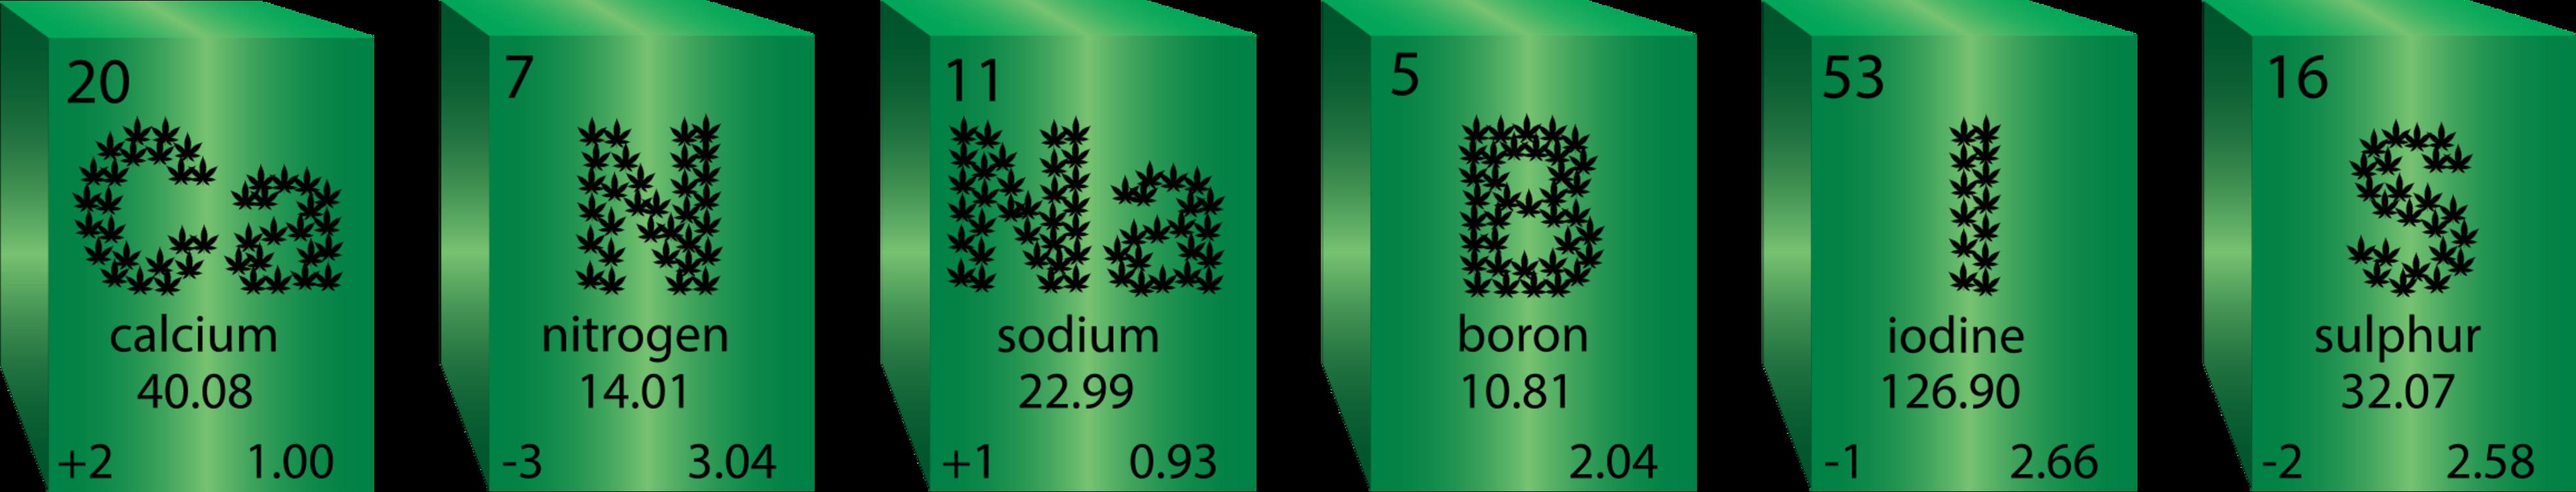 Green,Grass,Cannabis